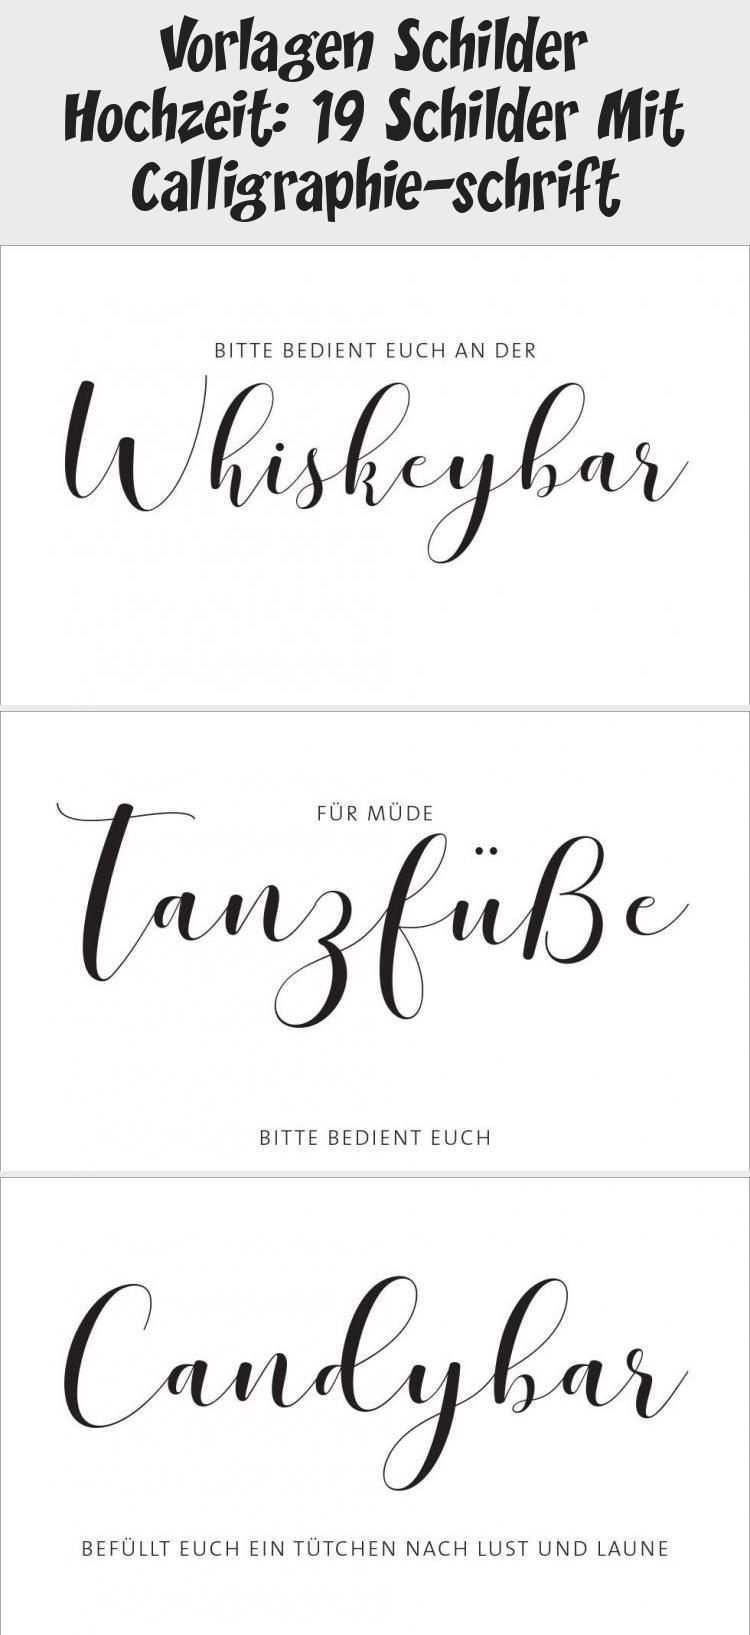 Vorlagen Schilder Hochzeit 19 Schilder Mit Calligraphie Schrift Math Math Equations